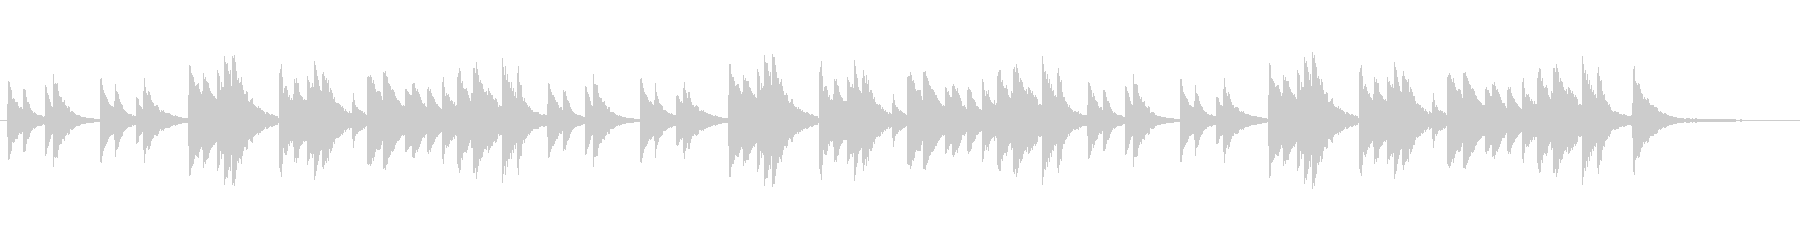 ゆったり穏やか/3拍子/ピアノソロの未再生の波形